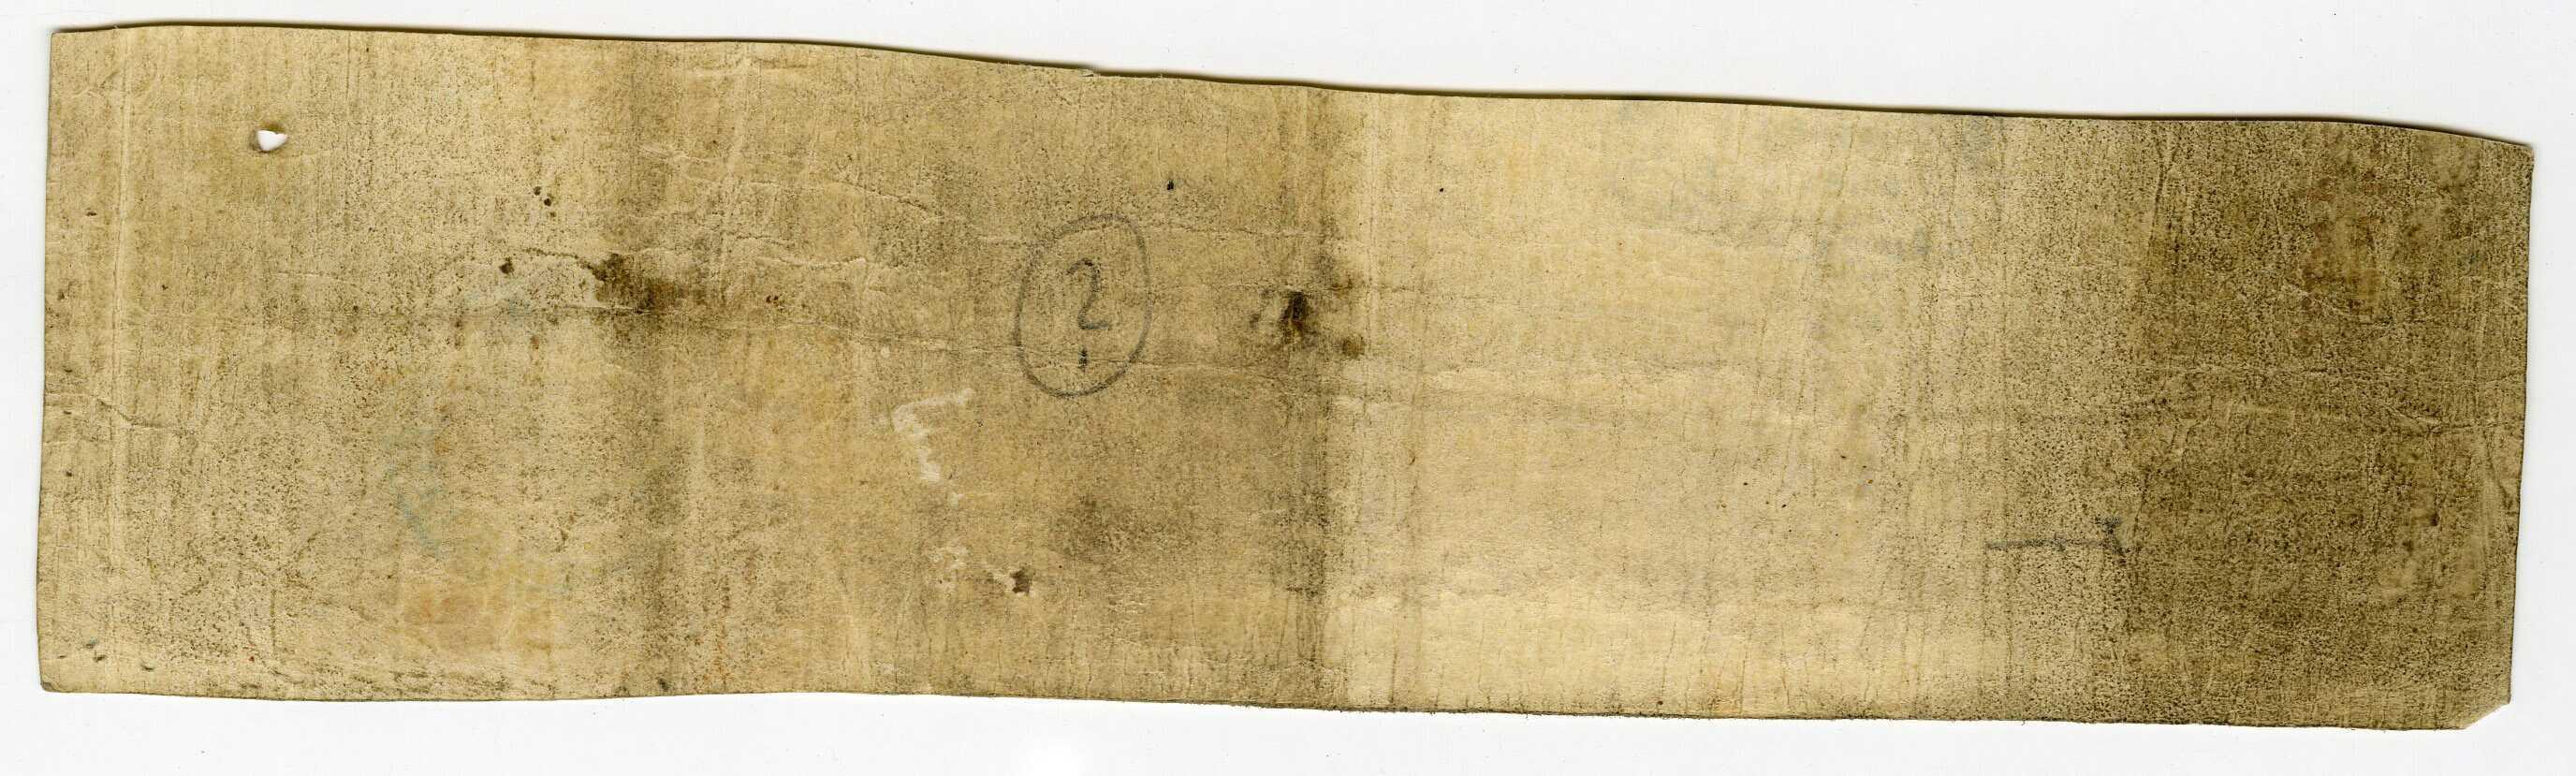 Édouard d'Angleterre envoie des nommés Gauthier et Pierre pour s'occuper des terres anglaises de l'abbaye.